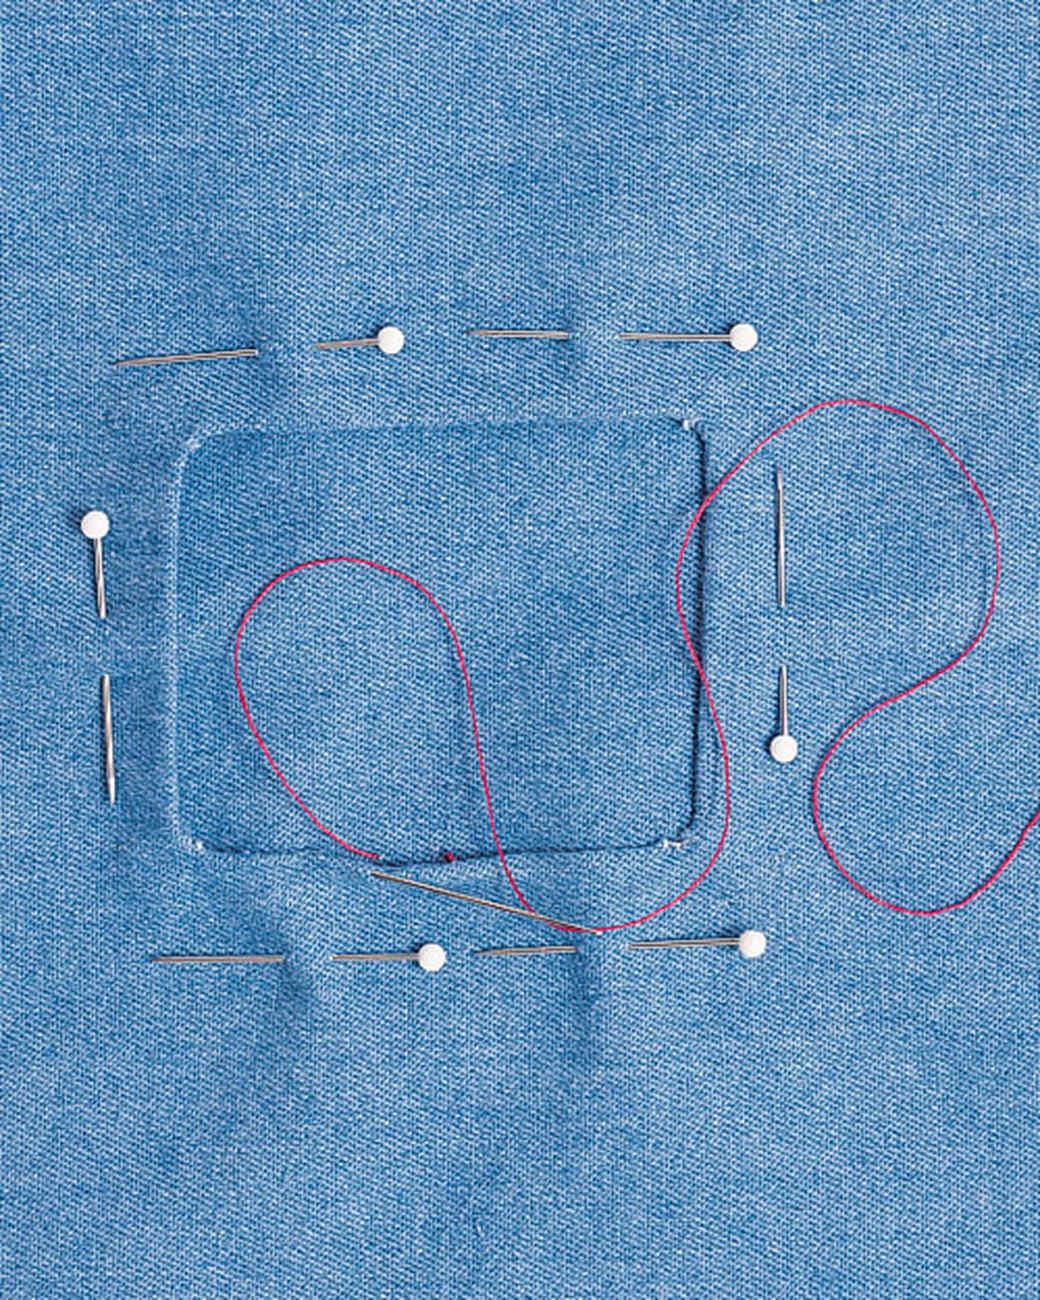 Cách khâu quần áo đẹp: Cố định miếng vá quần áo ở vị trí sao cho vết rách ở chính giữa bằng kim khâu